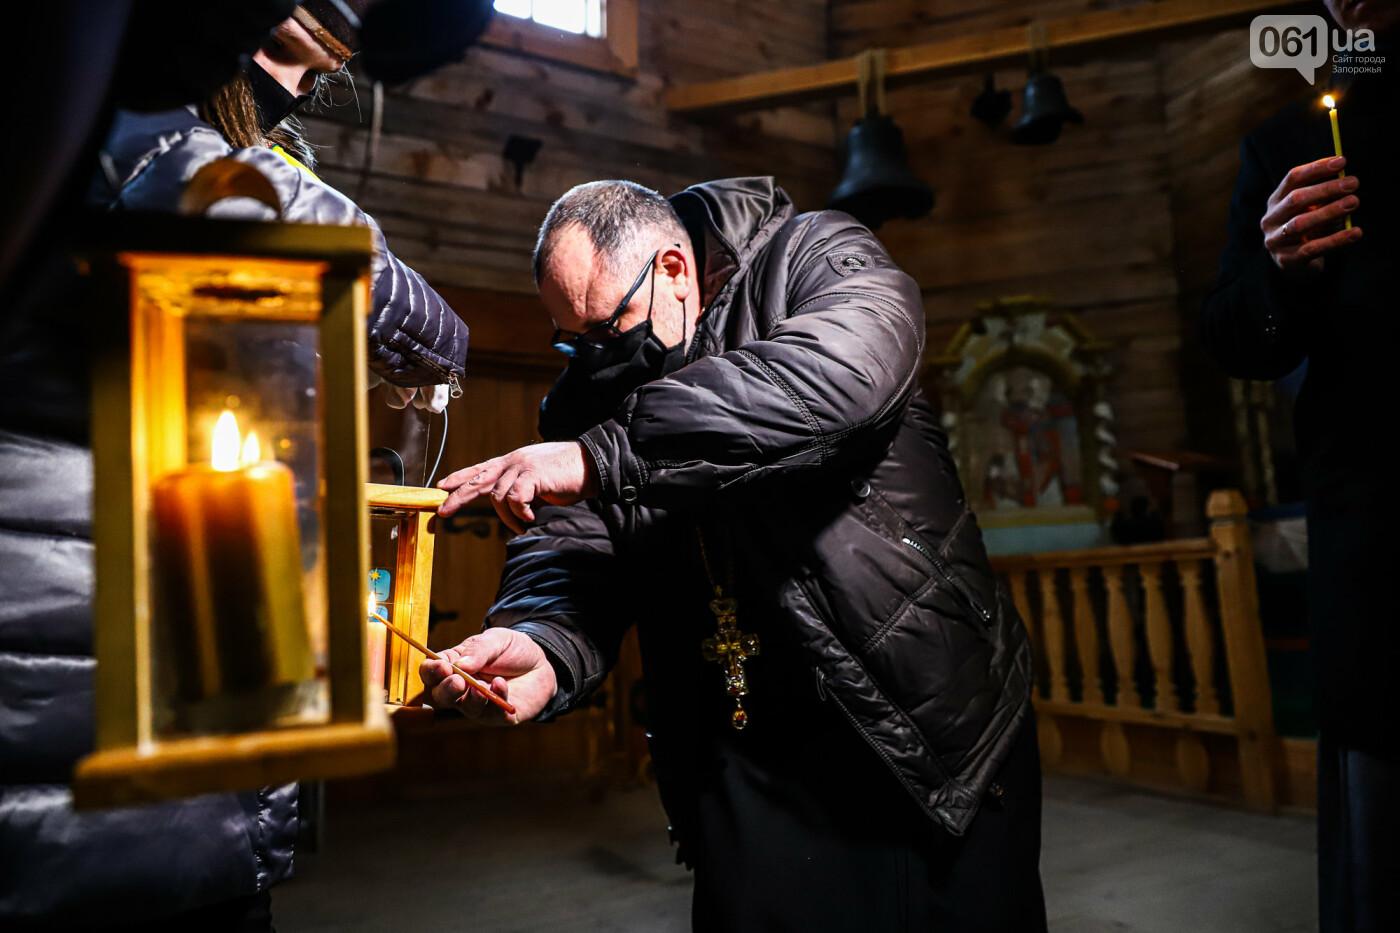 На Хортице скауты передали священникам Вифлеемский огонь, - ФОТОРЕПОРТАЖ, фото-13